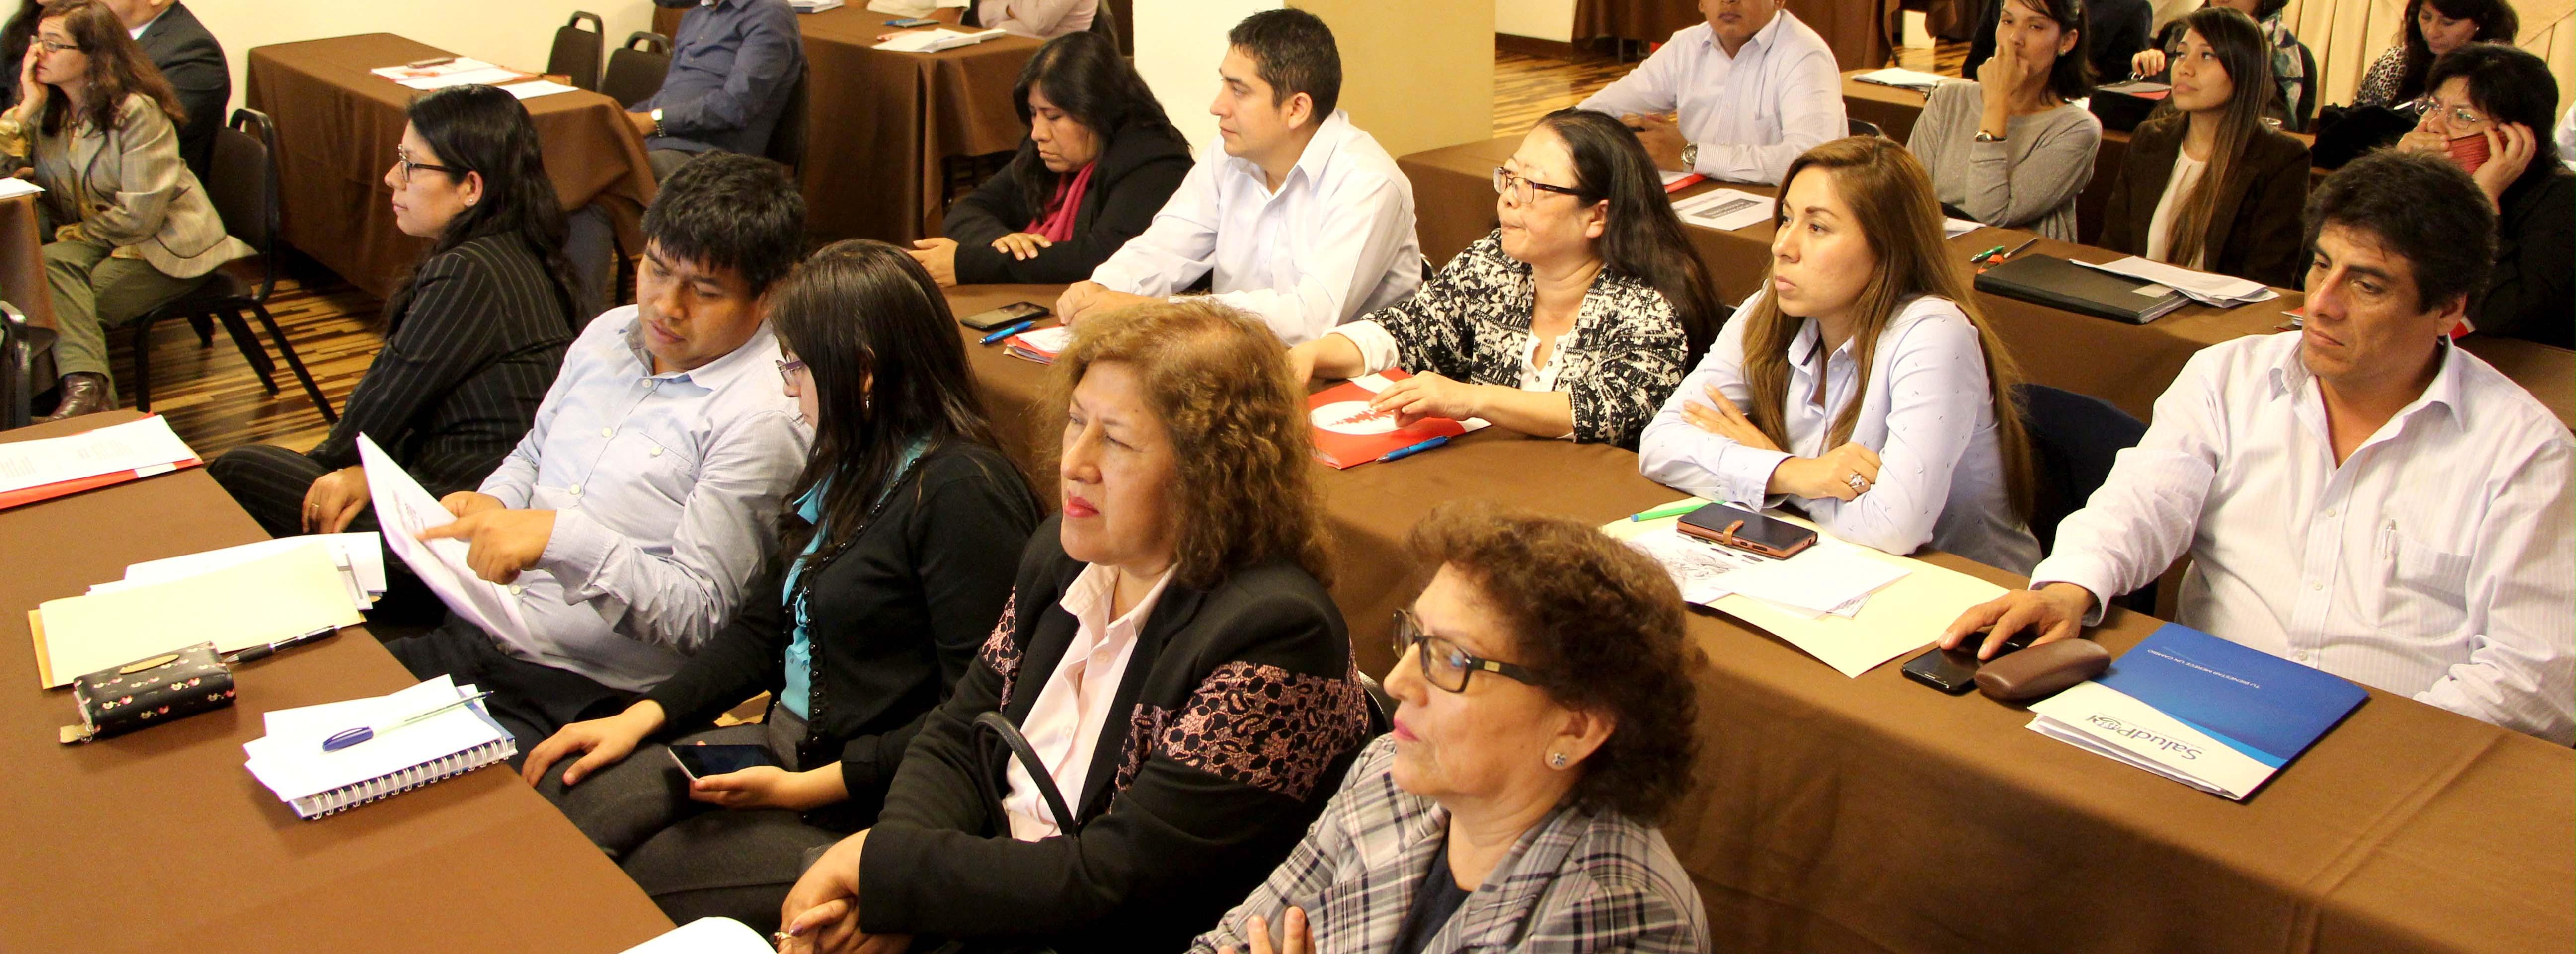 SERVIDORES DE SALUDPOL RECIBIERON CURSO DE CONTROL INTERNO EN LAS ORGANIZACIONES GUBERNAMENTALES